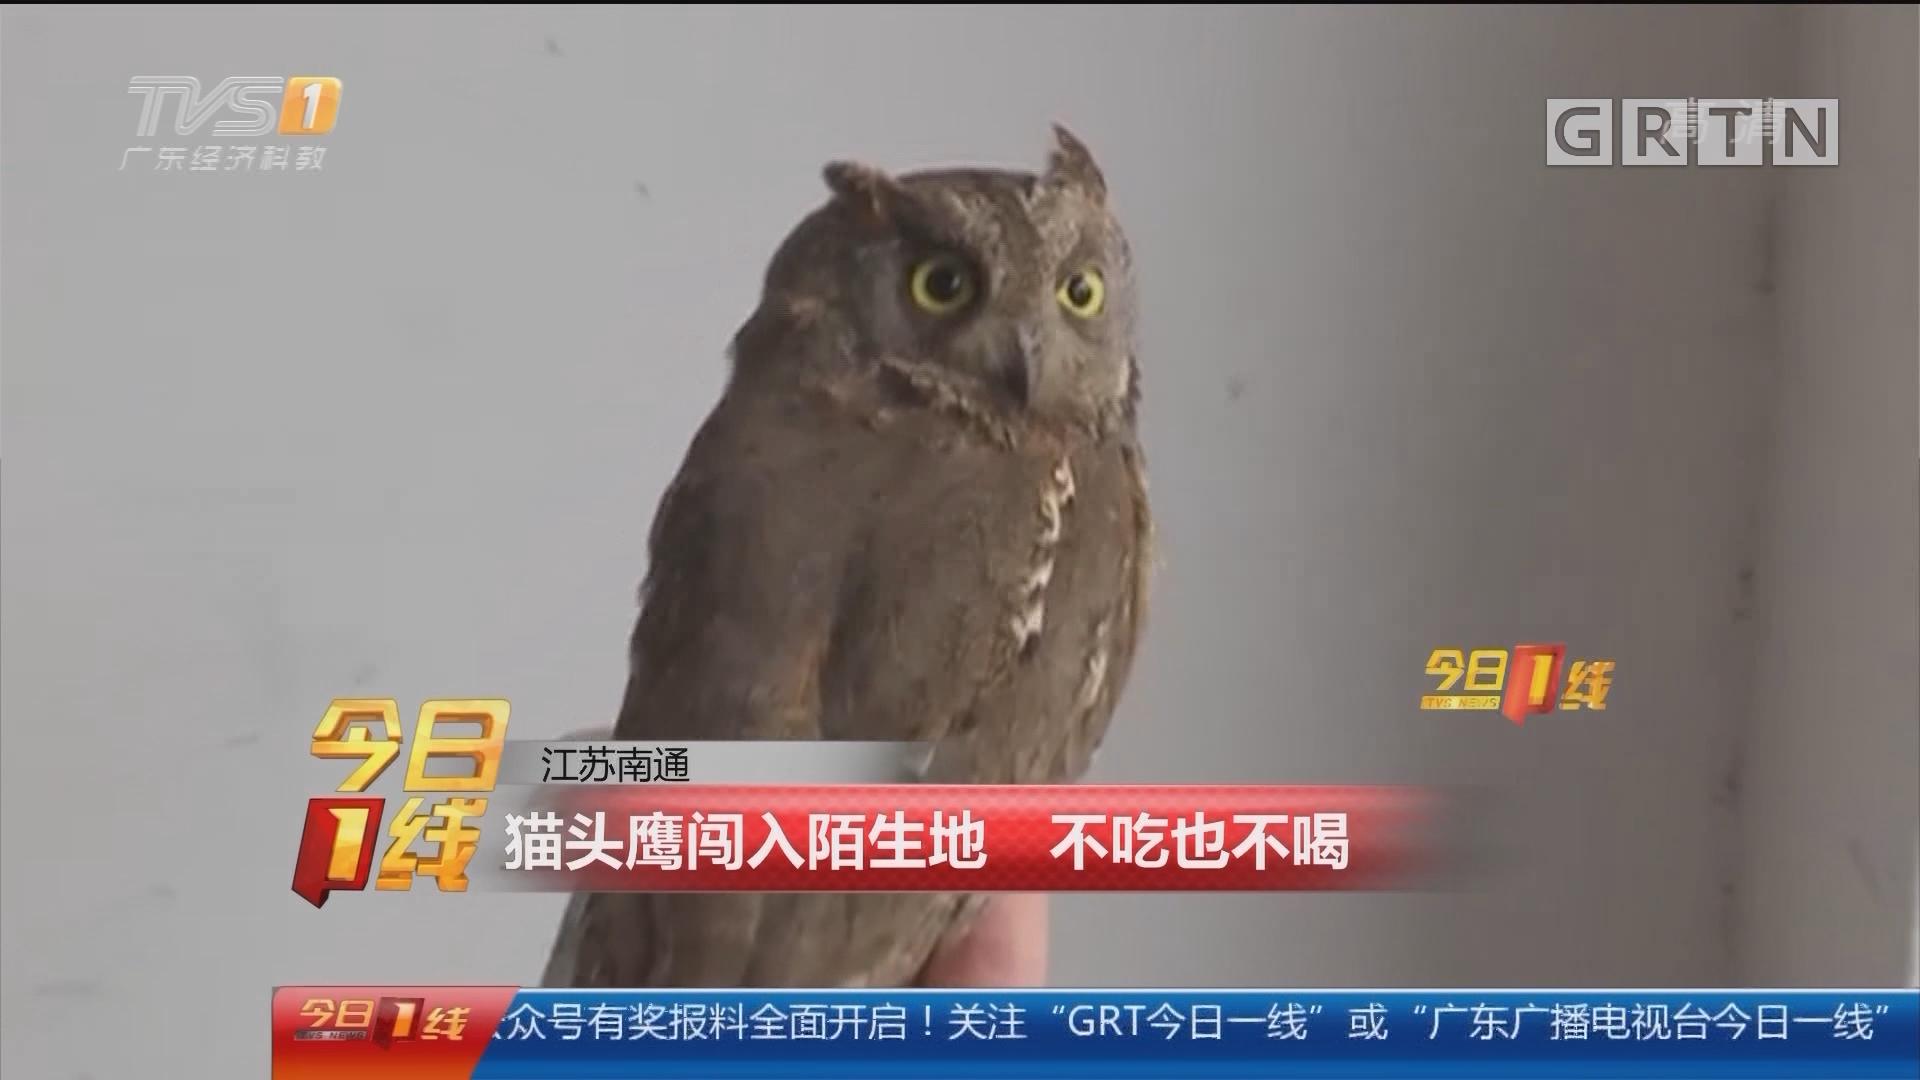 江苏南通:猫头鹰闯入陌生地 不吃也不喝